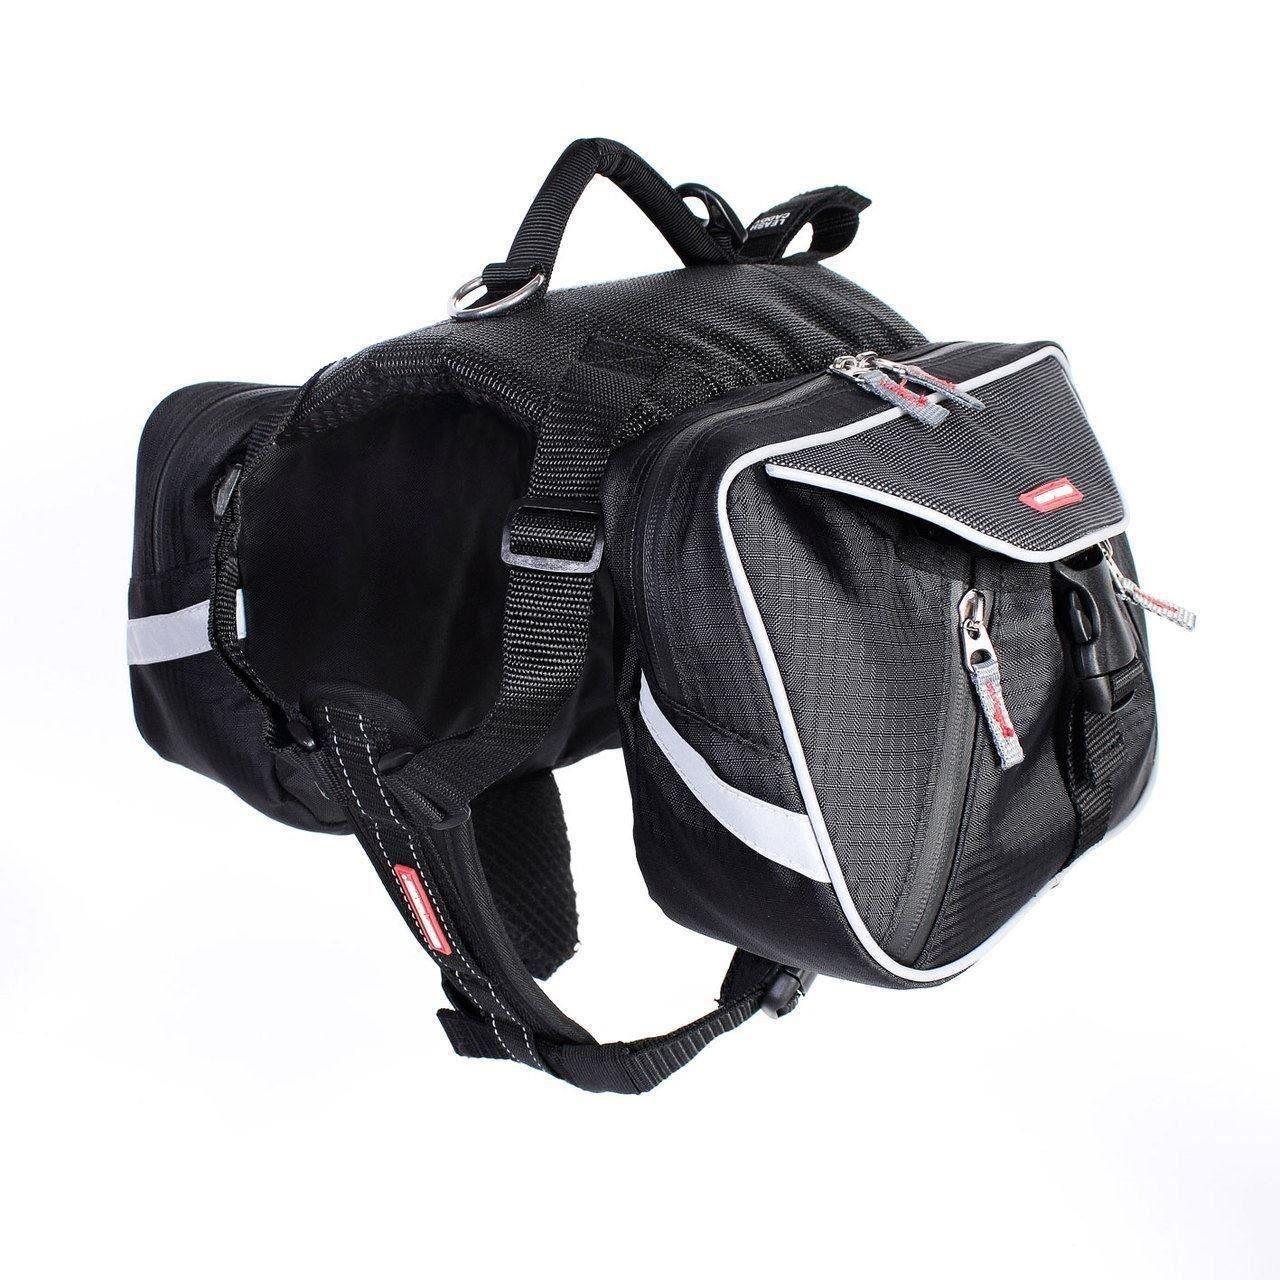 Large EzyDog High Quality Summit Dog Backpack Saddle Bags Outdoor Walking Travel Large